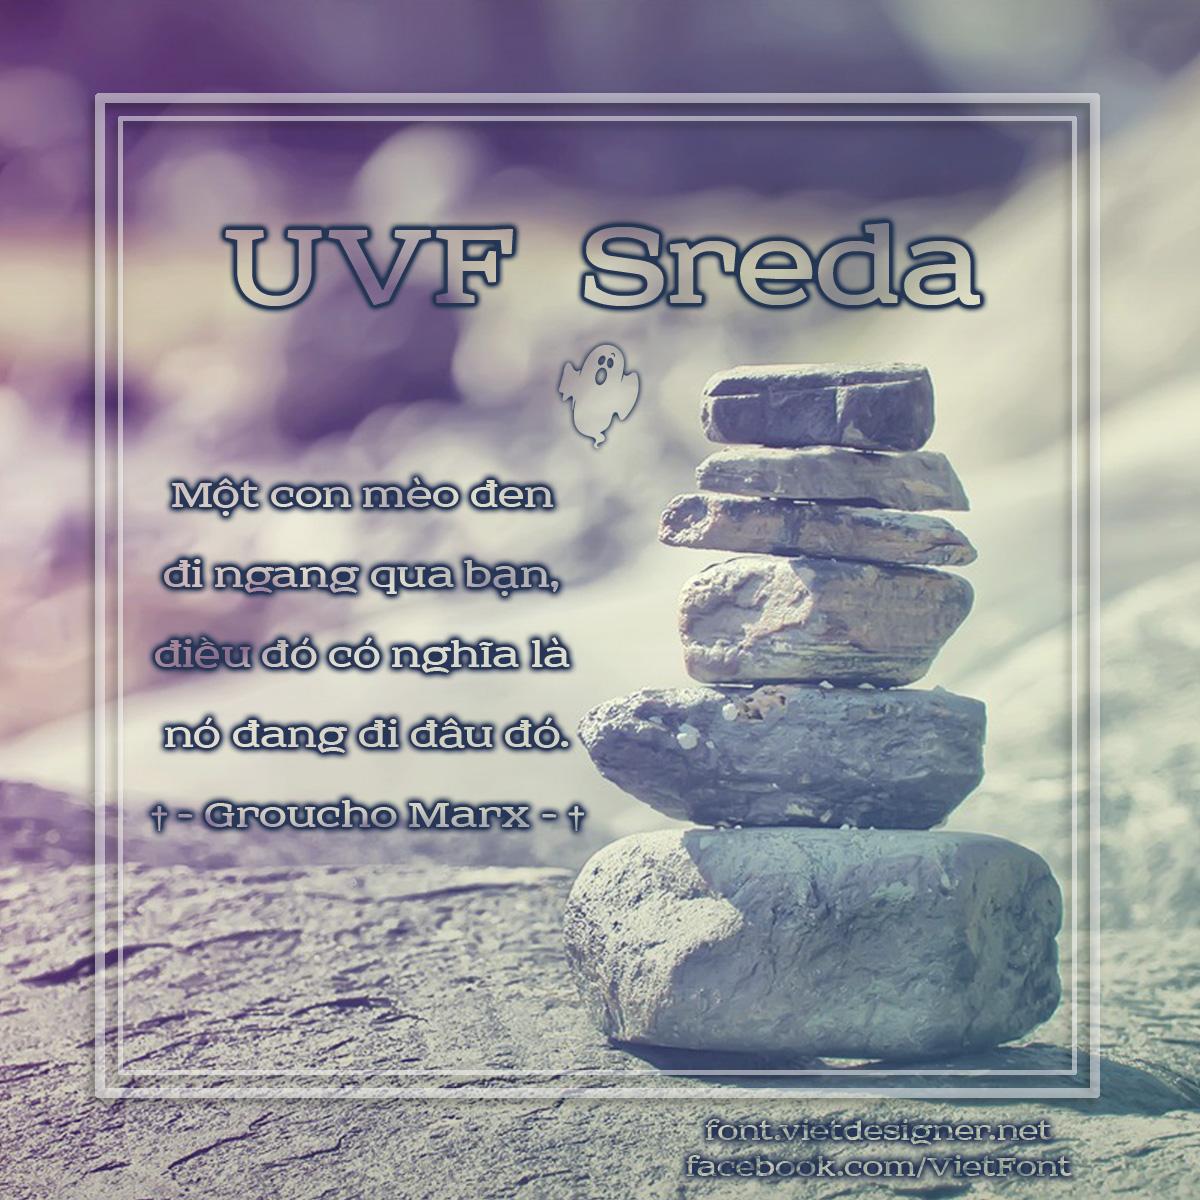 UVF Sreda